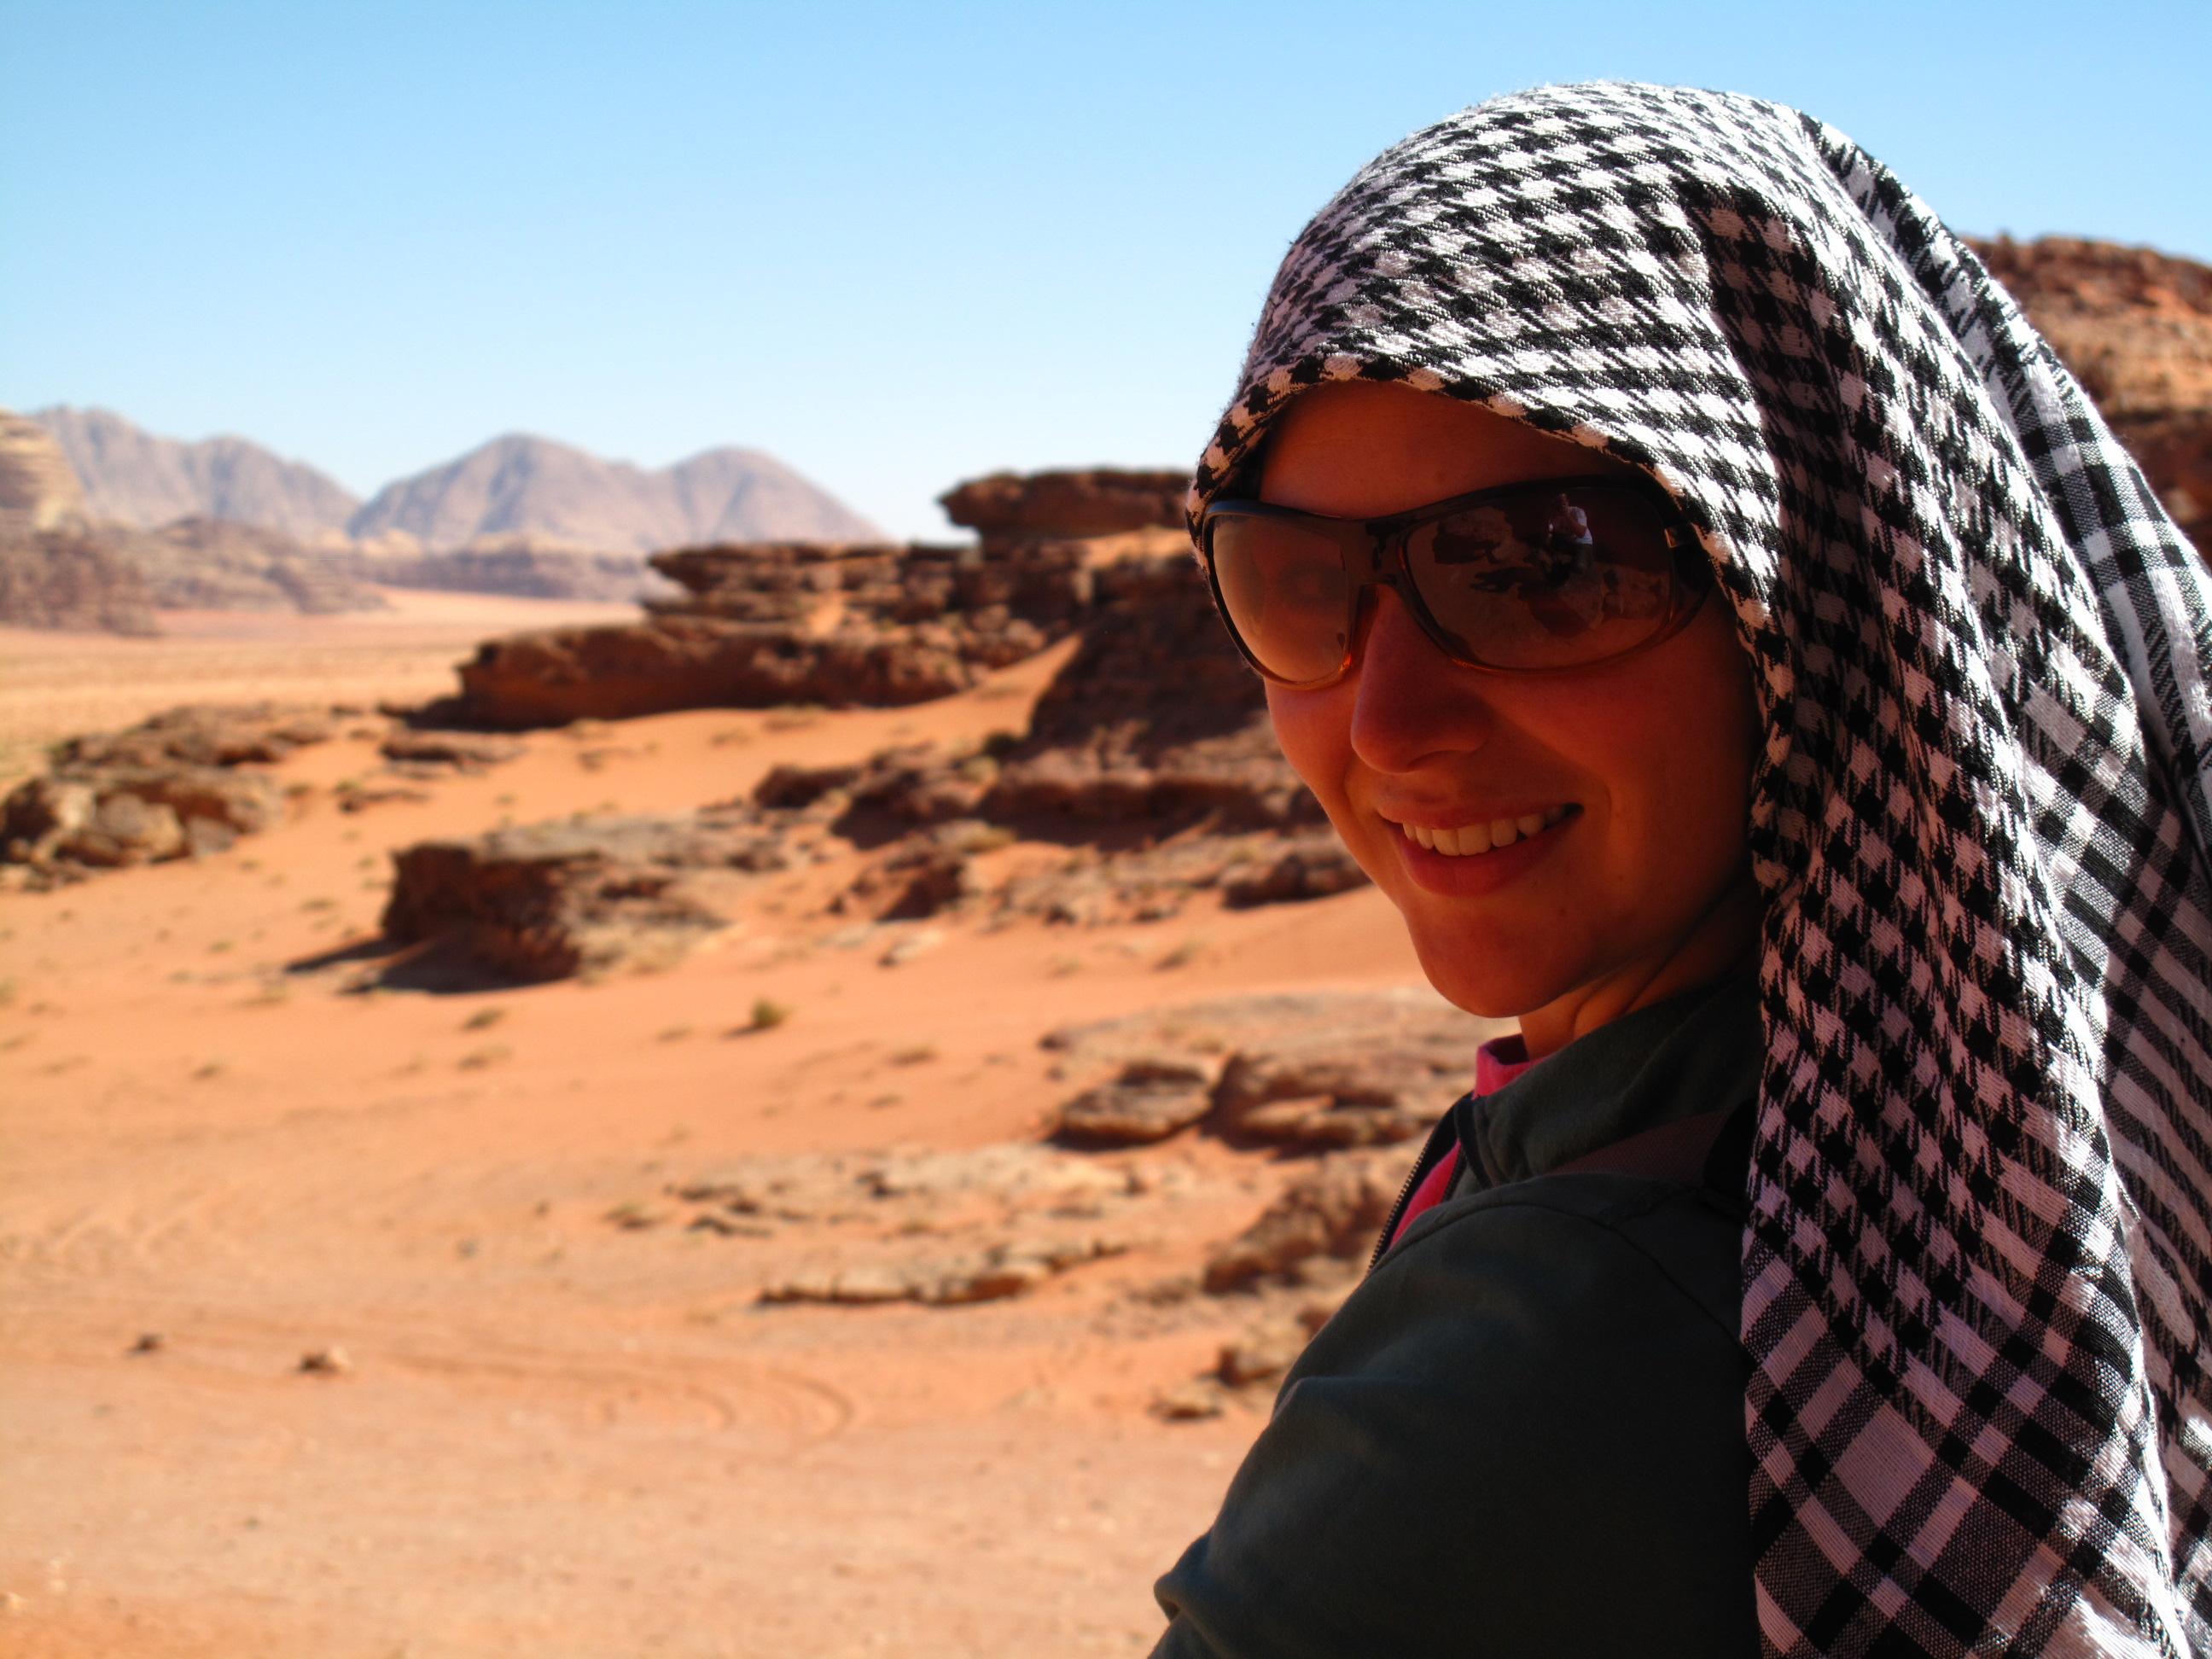 Exploring Wadi Rum in Jordan